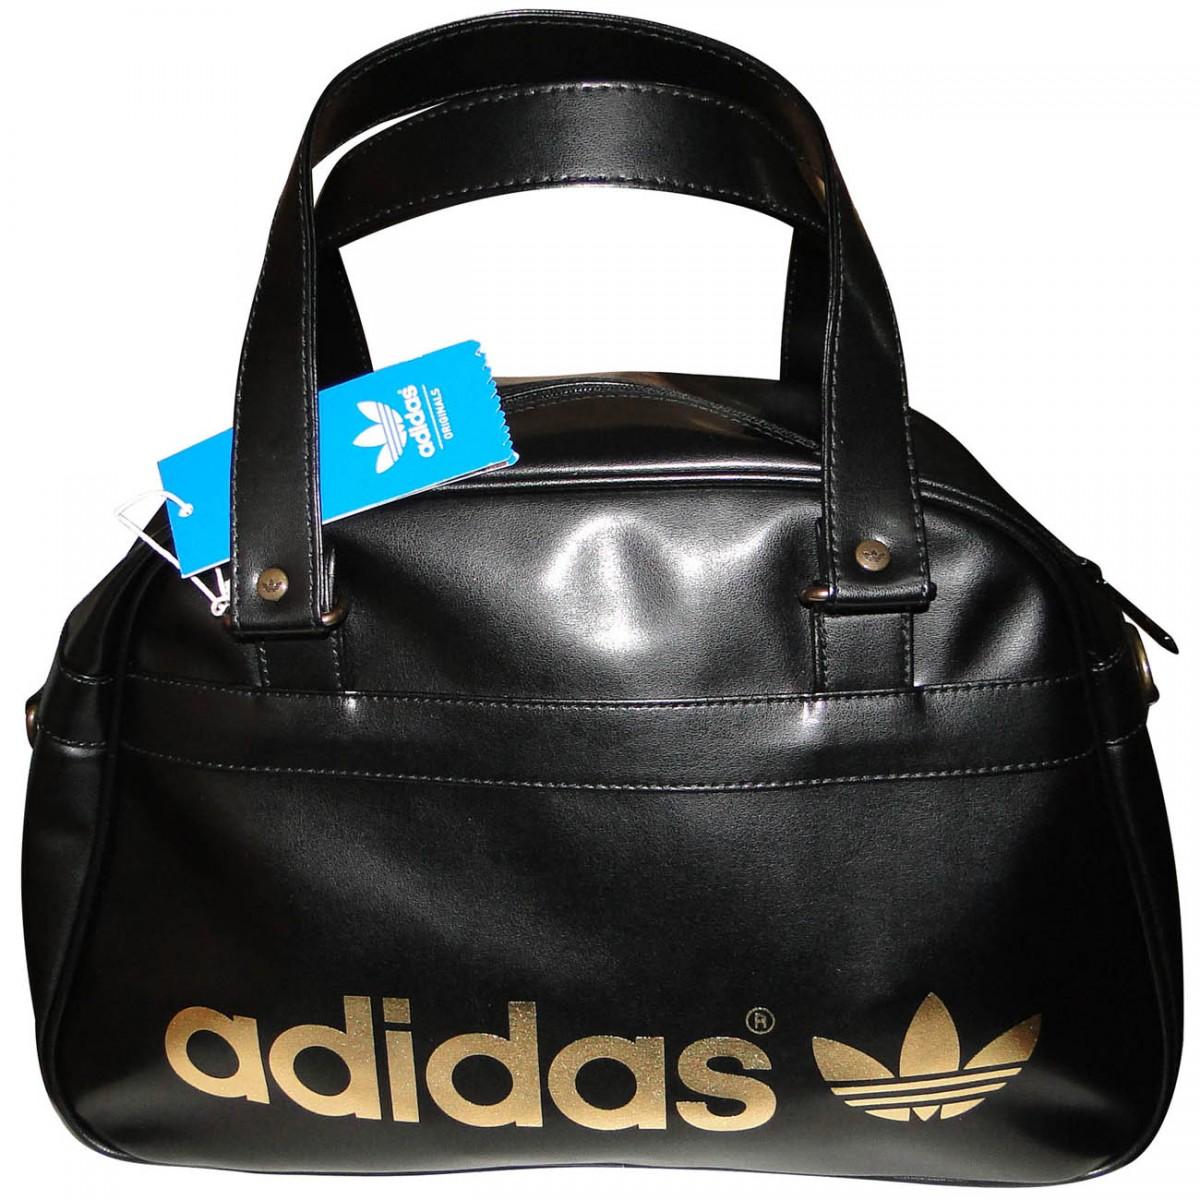 6156cf9a8c3 Bolsa Adidas Bowling Adicolor 5565 - PRETO DOURADO - Chuteira Nike ...